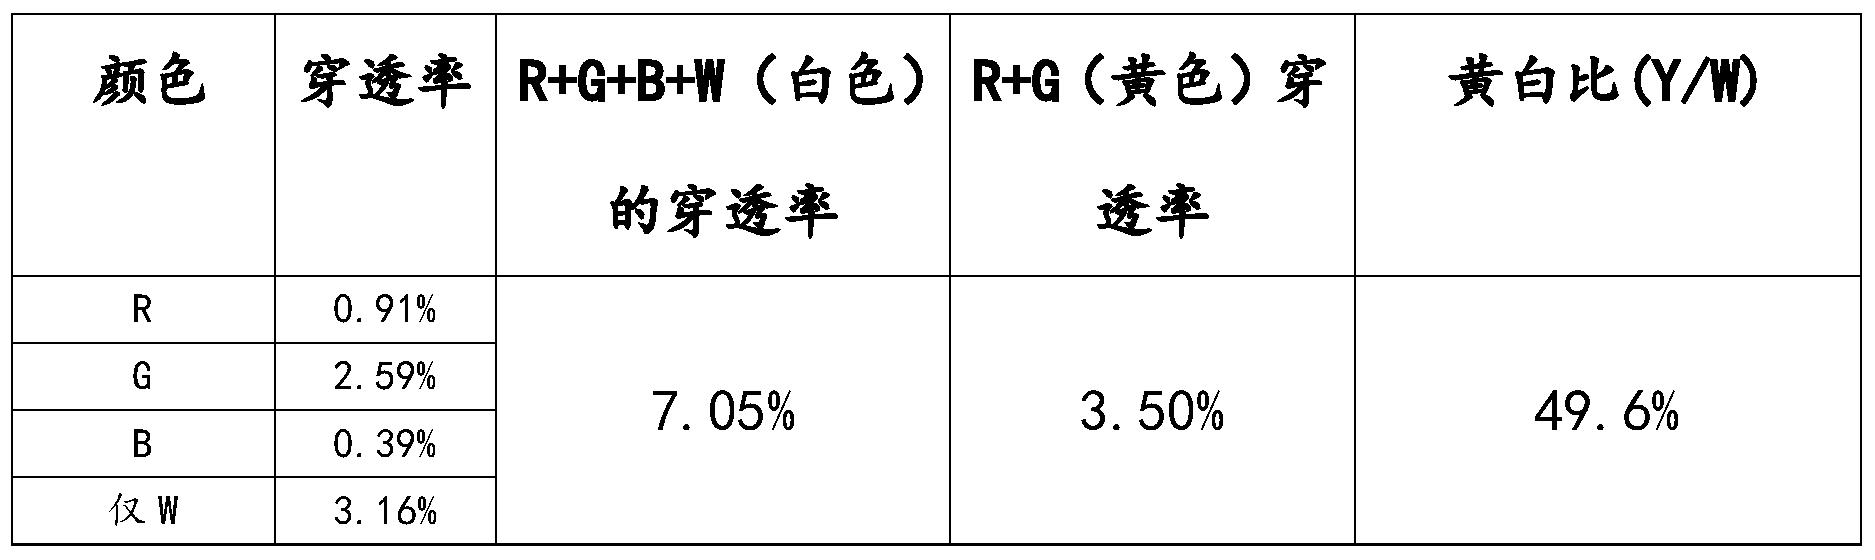 Figure PCTCN2018071960-appb-000002